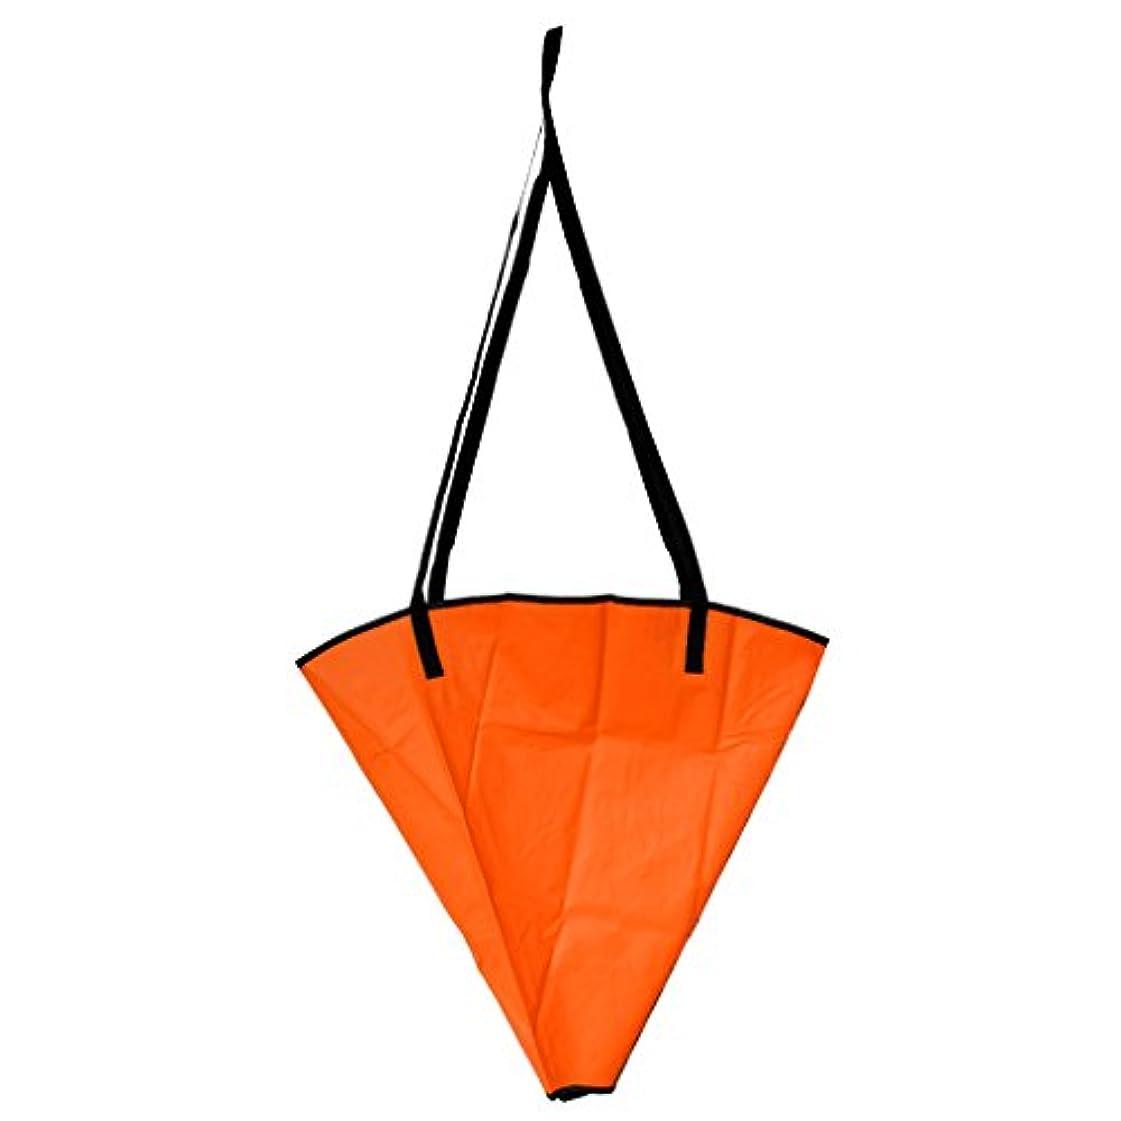 【ノーブランド品】 オレンジ シーアンカー 海錨 海アンカー ドローグ スーツ 漂流 帆ボート カヤック用 全2サイズ